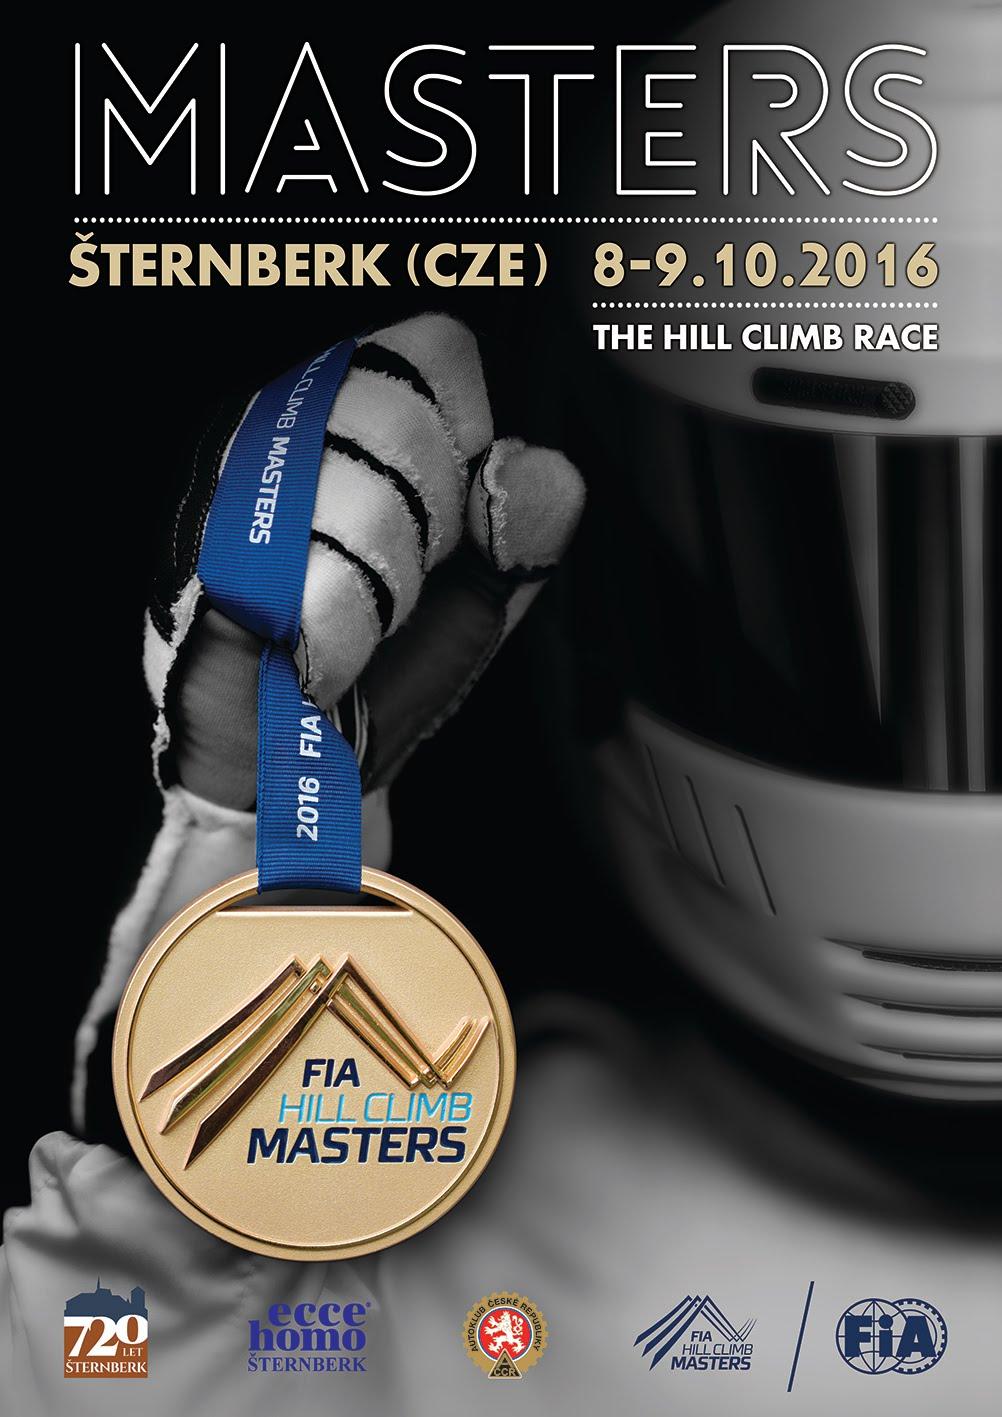 FIA Hill Climb Masters 2016